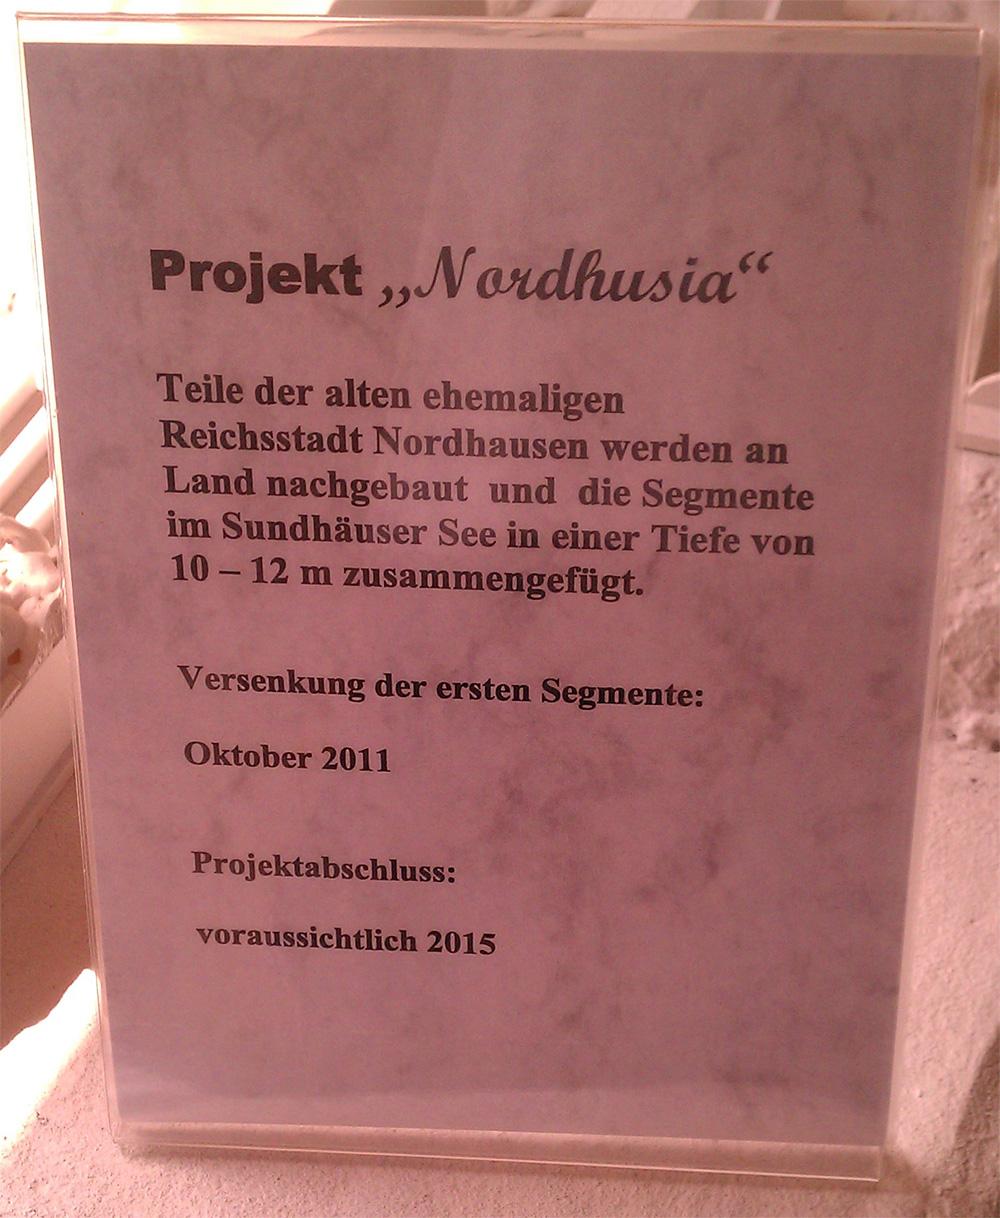 """Projekt """"Nordhusia"""""""